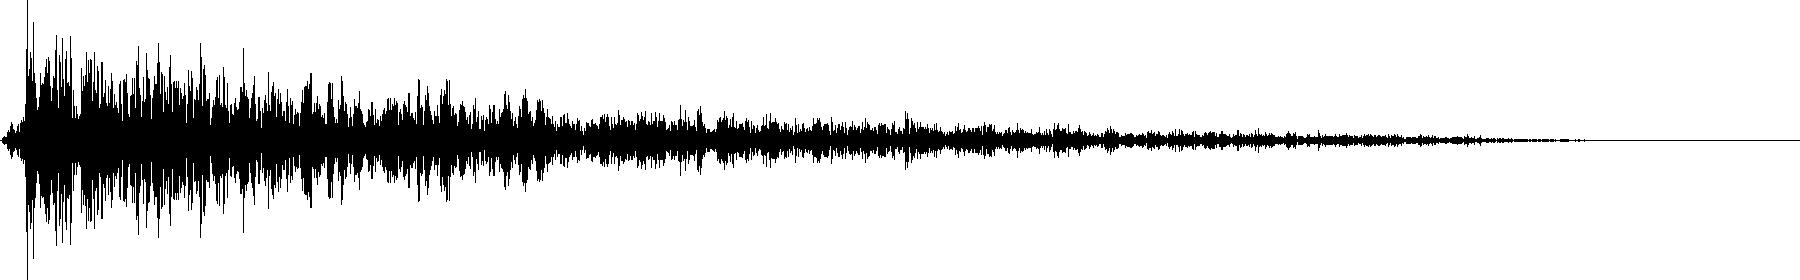 bluezone bc0210 tambourine 004